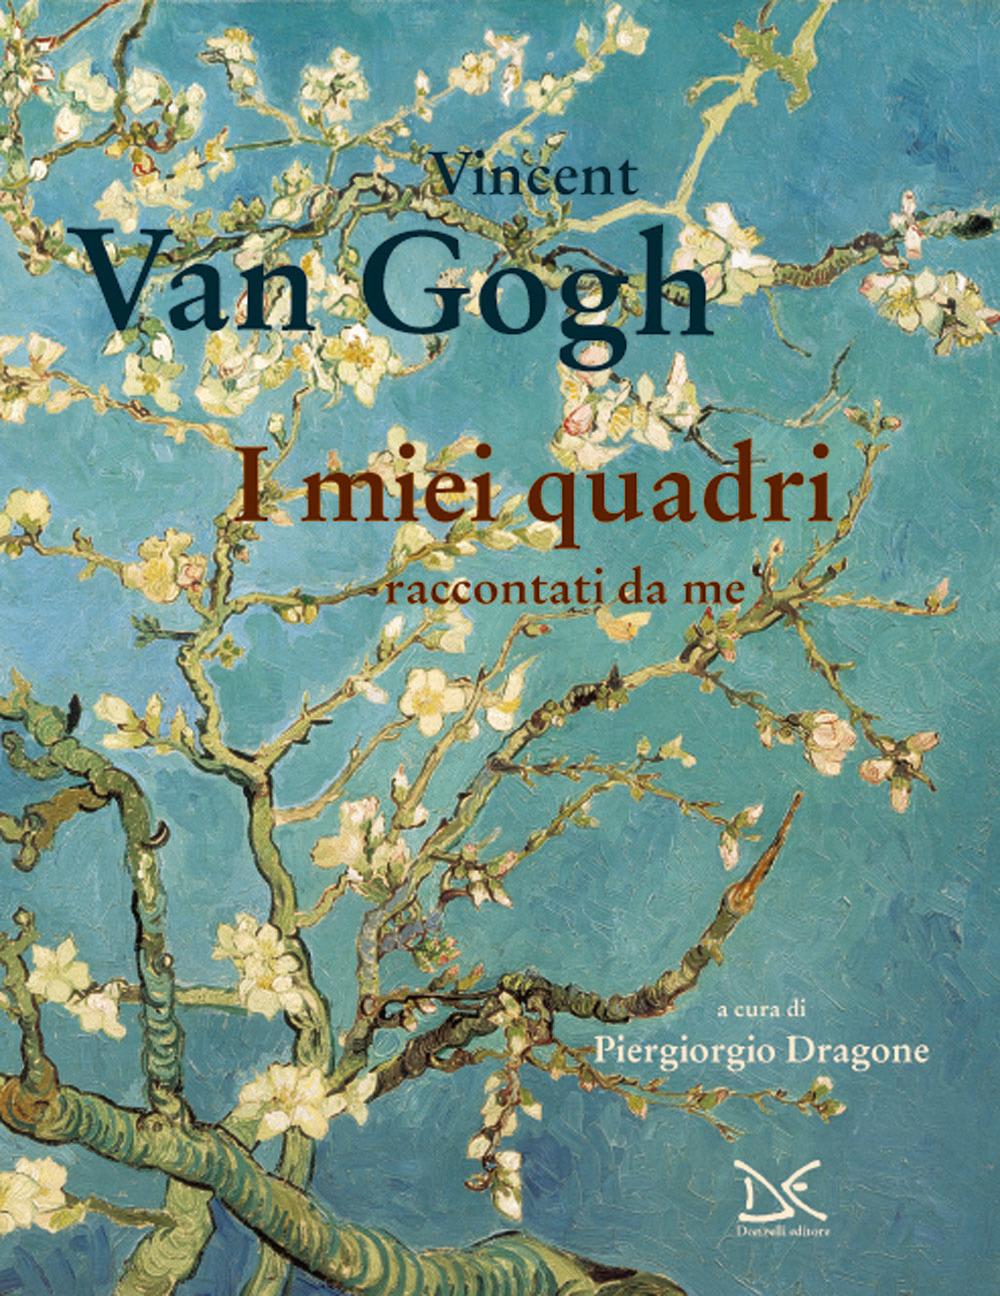 Civico20 news torino vincent van gogh racconta ventuno for Quadri famosi da colorare van gogh